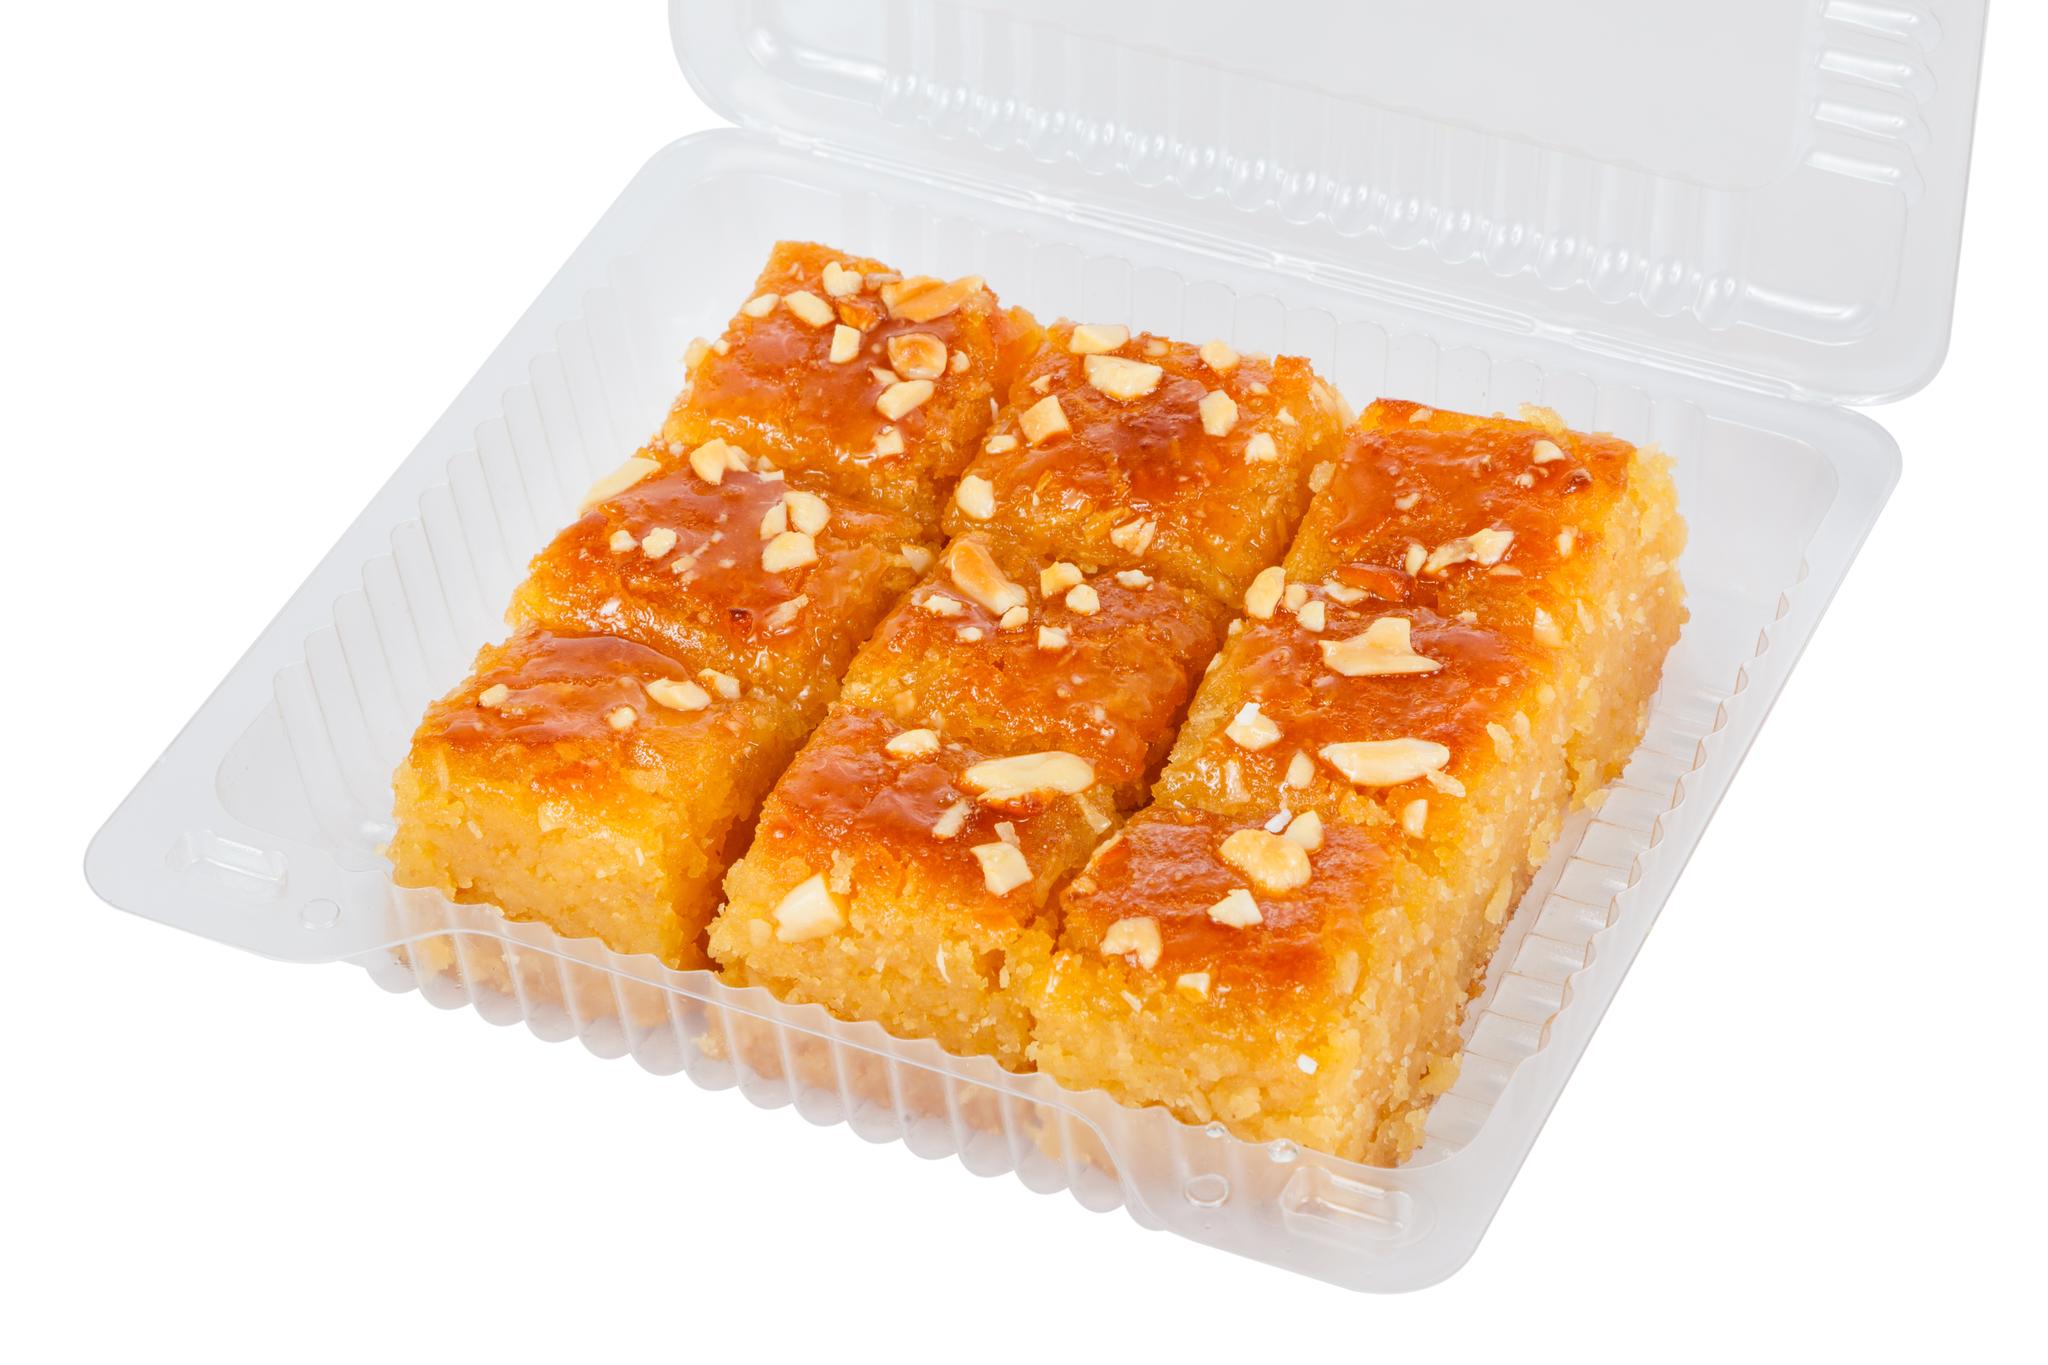 Десерты Восточный десерт Намура с арахисом, 400 г import_files_7e_7e6d0bbd787e11e799f3606c664b1de1_2267780eae6c11e7b011fcaa1488e48f.jpg